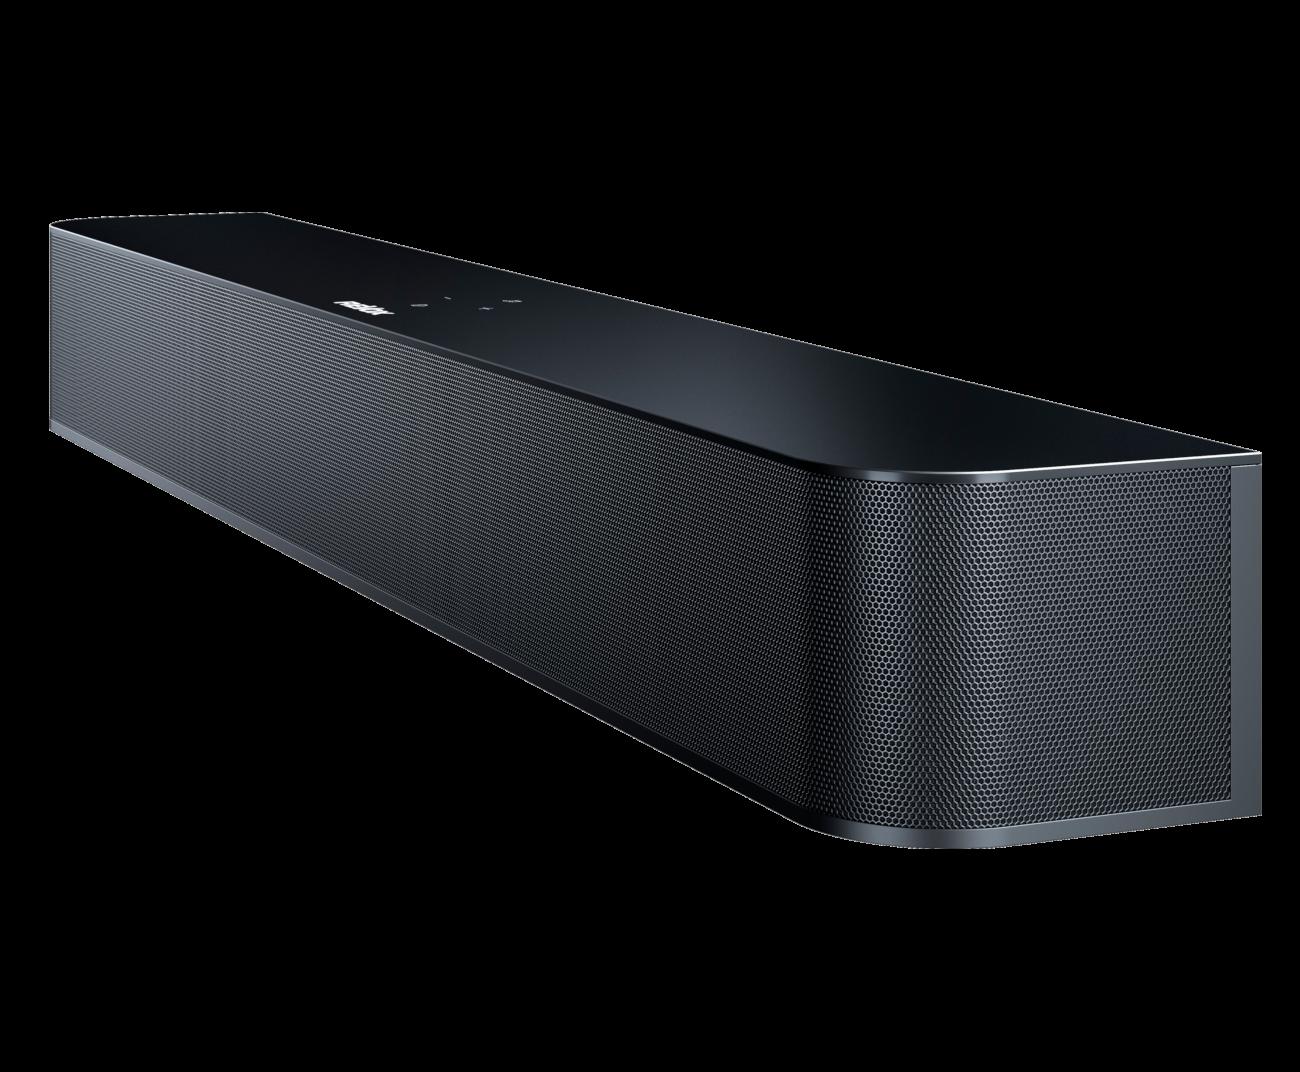 Revox S 100 soundbar.png